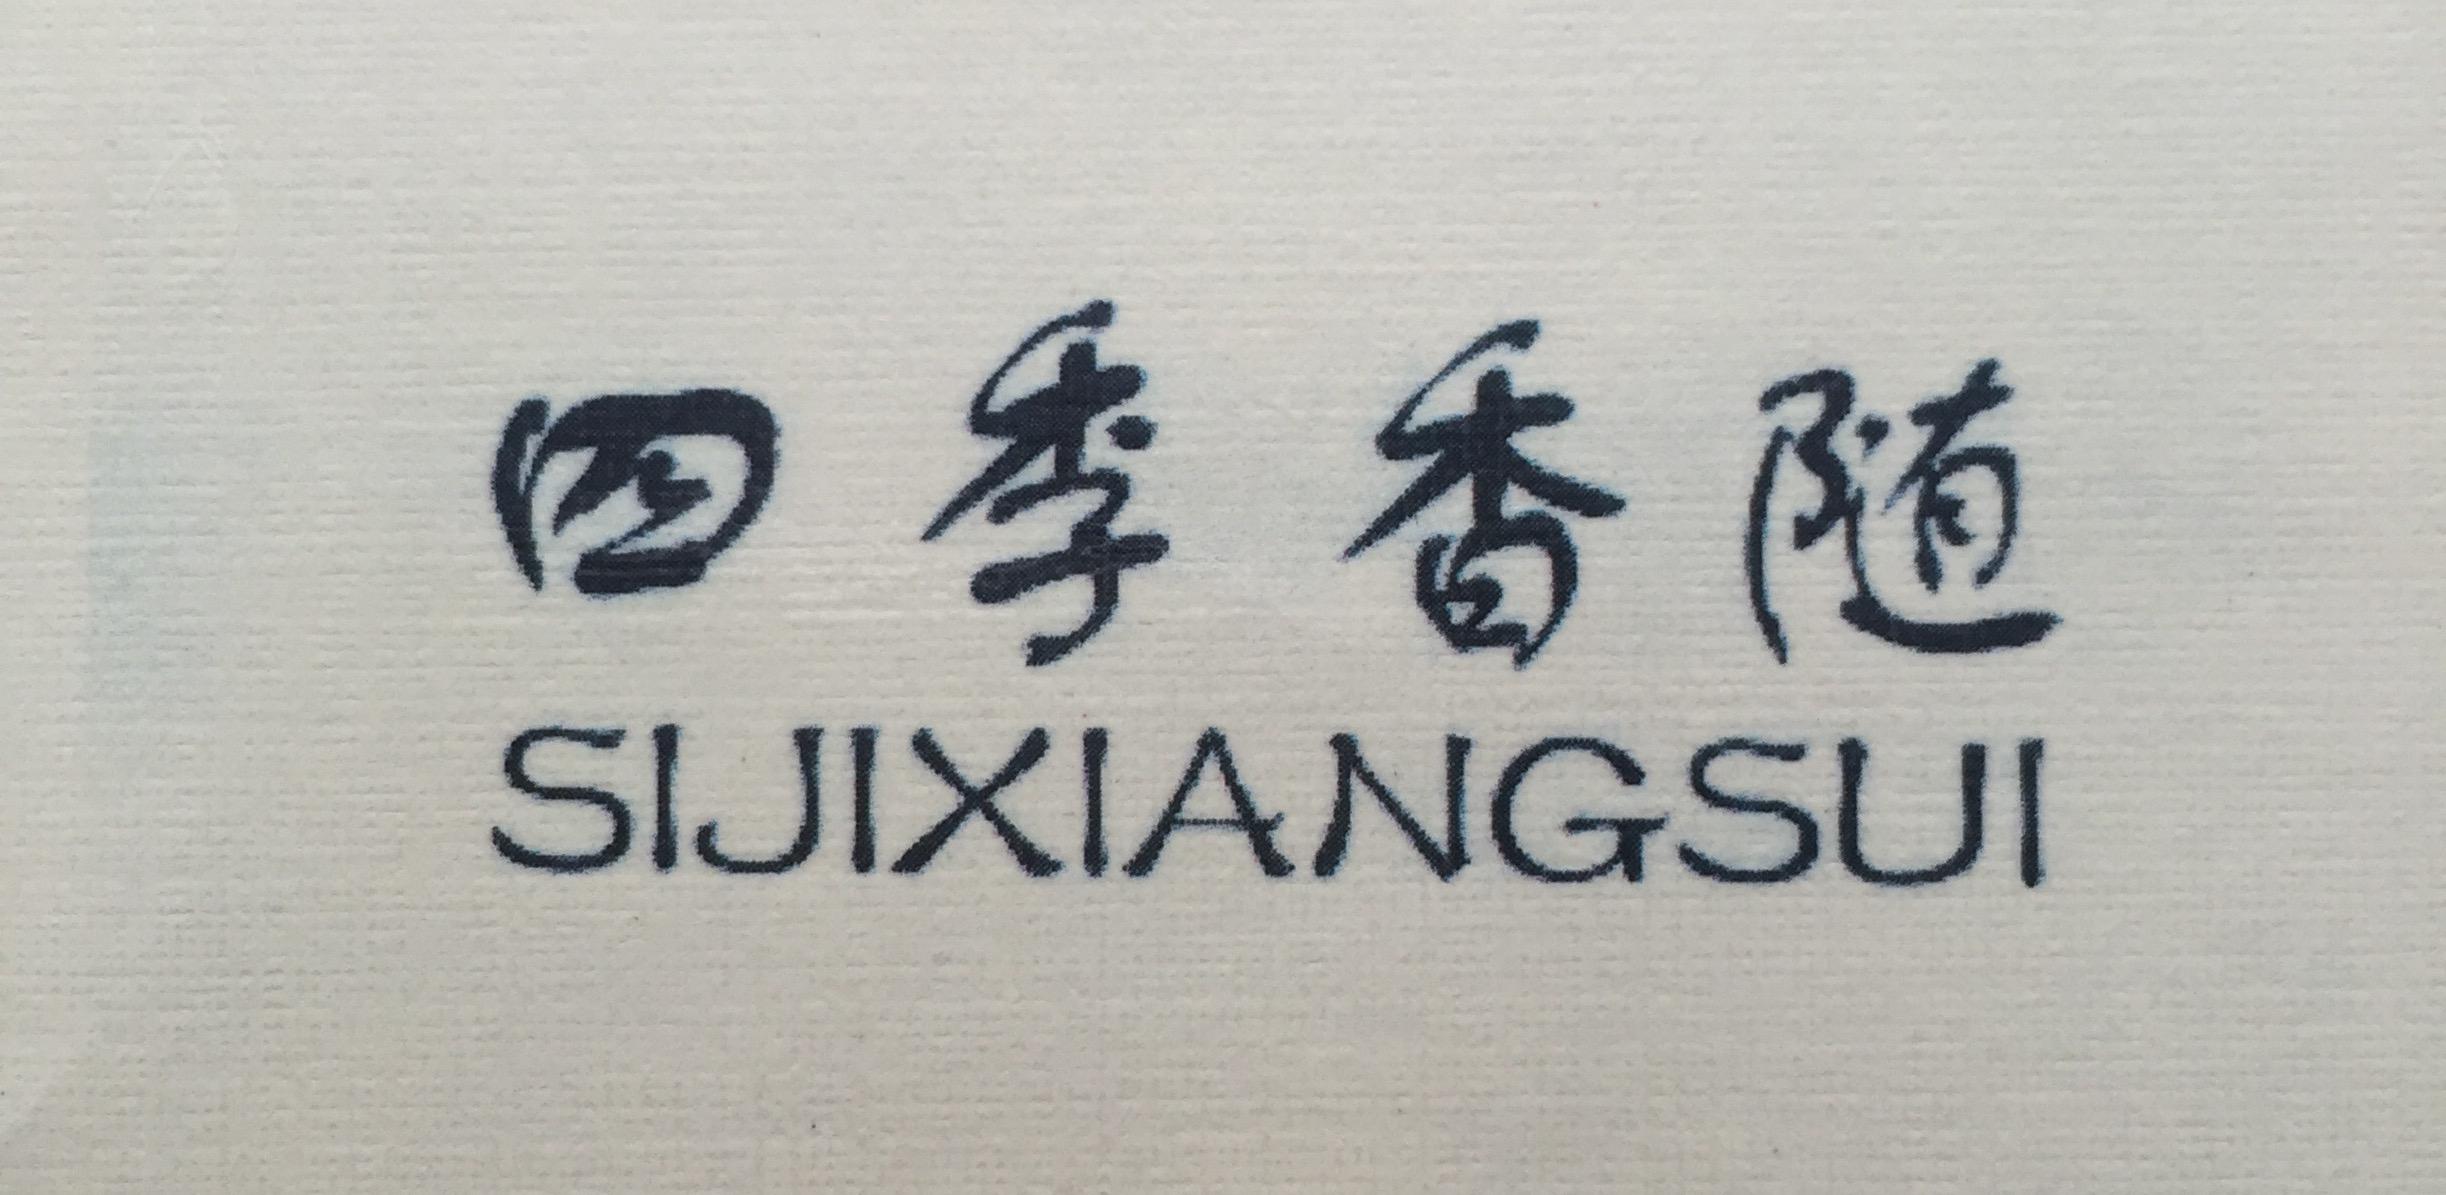 四季香随(SIJIXIANGSUI)